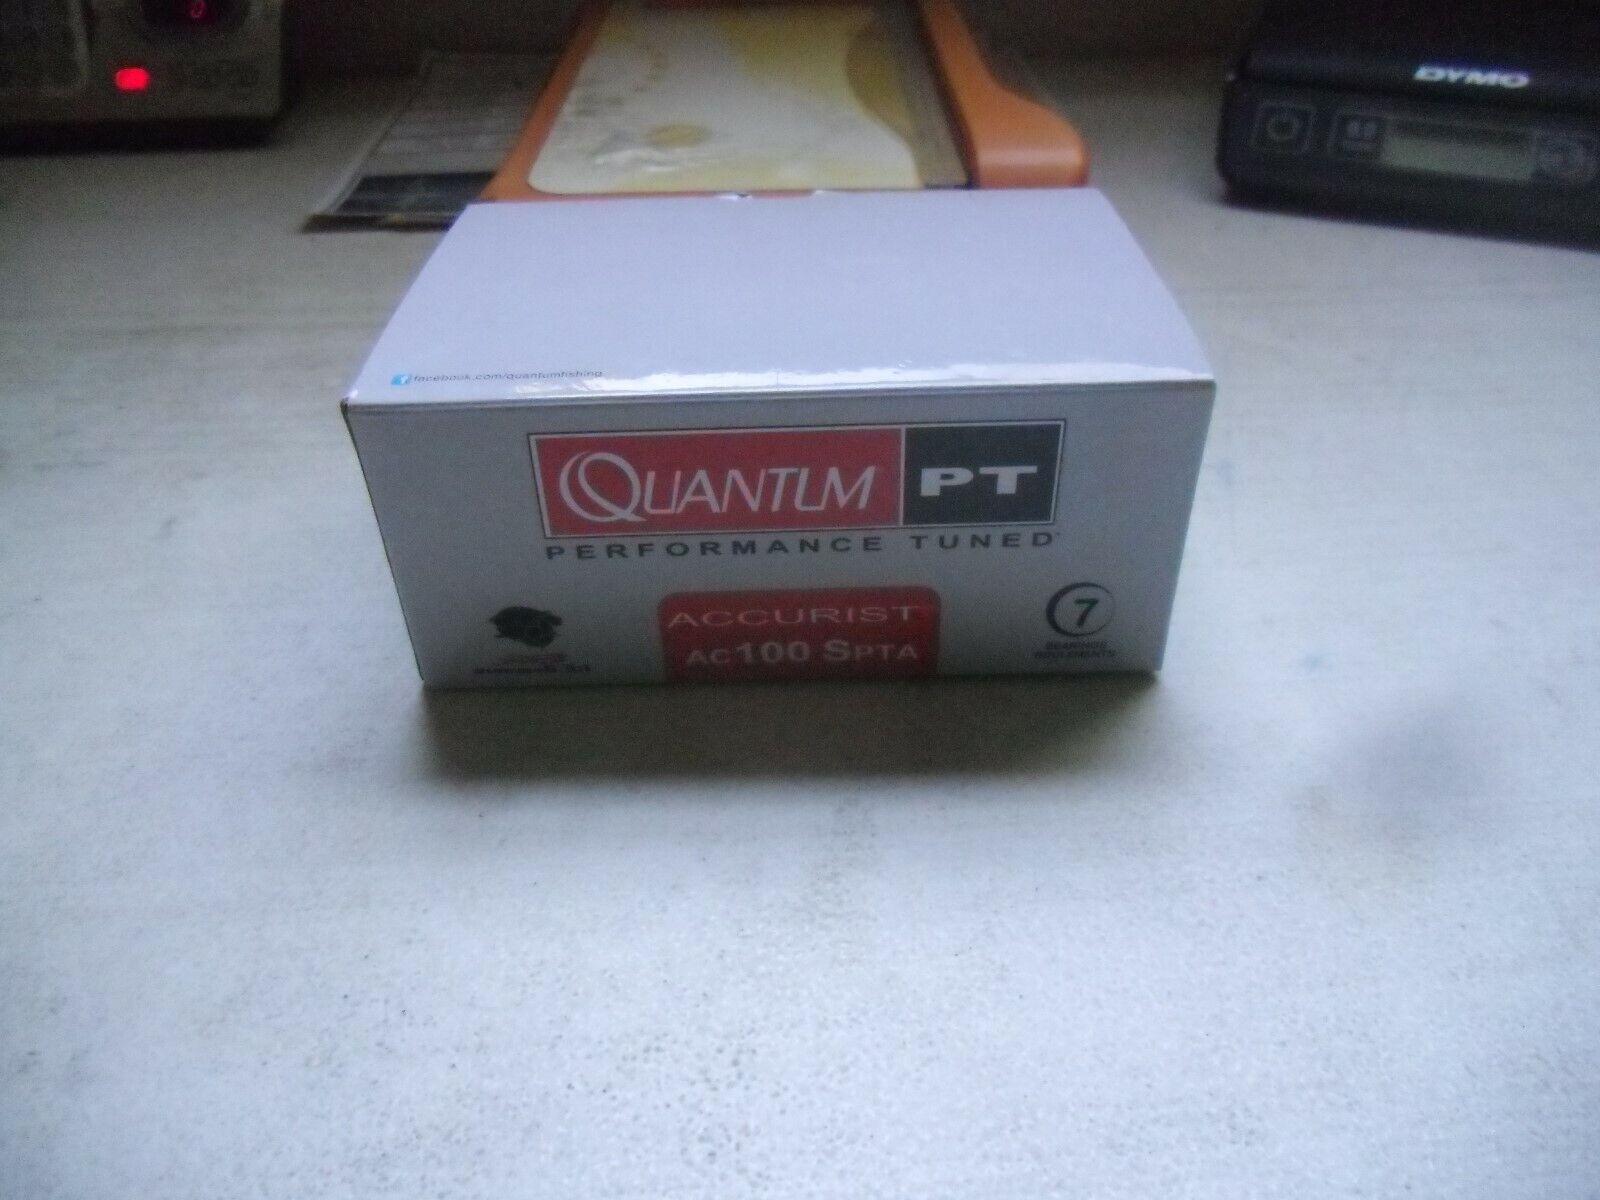 Quantum Accurist AC 100 SPTA 6.3  1 relación de transmisión mano derecha Cocherete Giratorio Nuevo